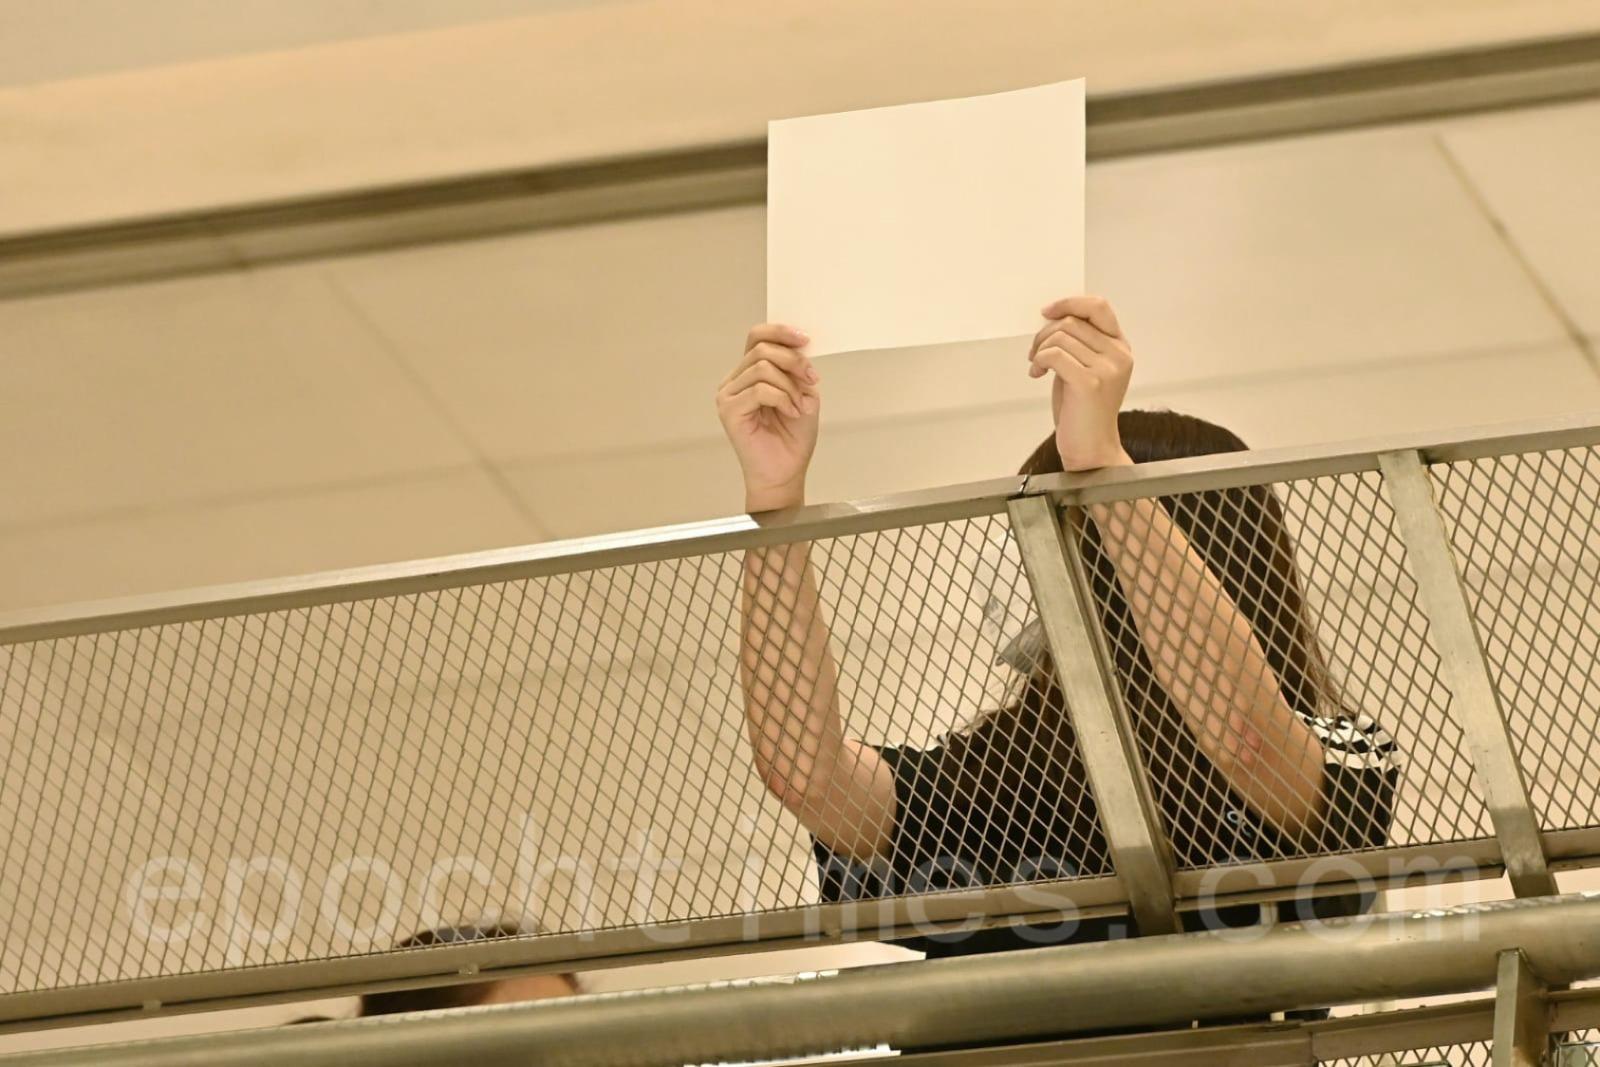 有市民手持白紙抗議。(宋碧龍/大紀元)